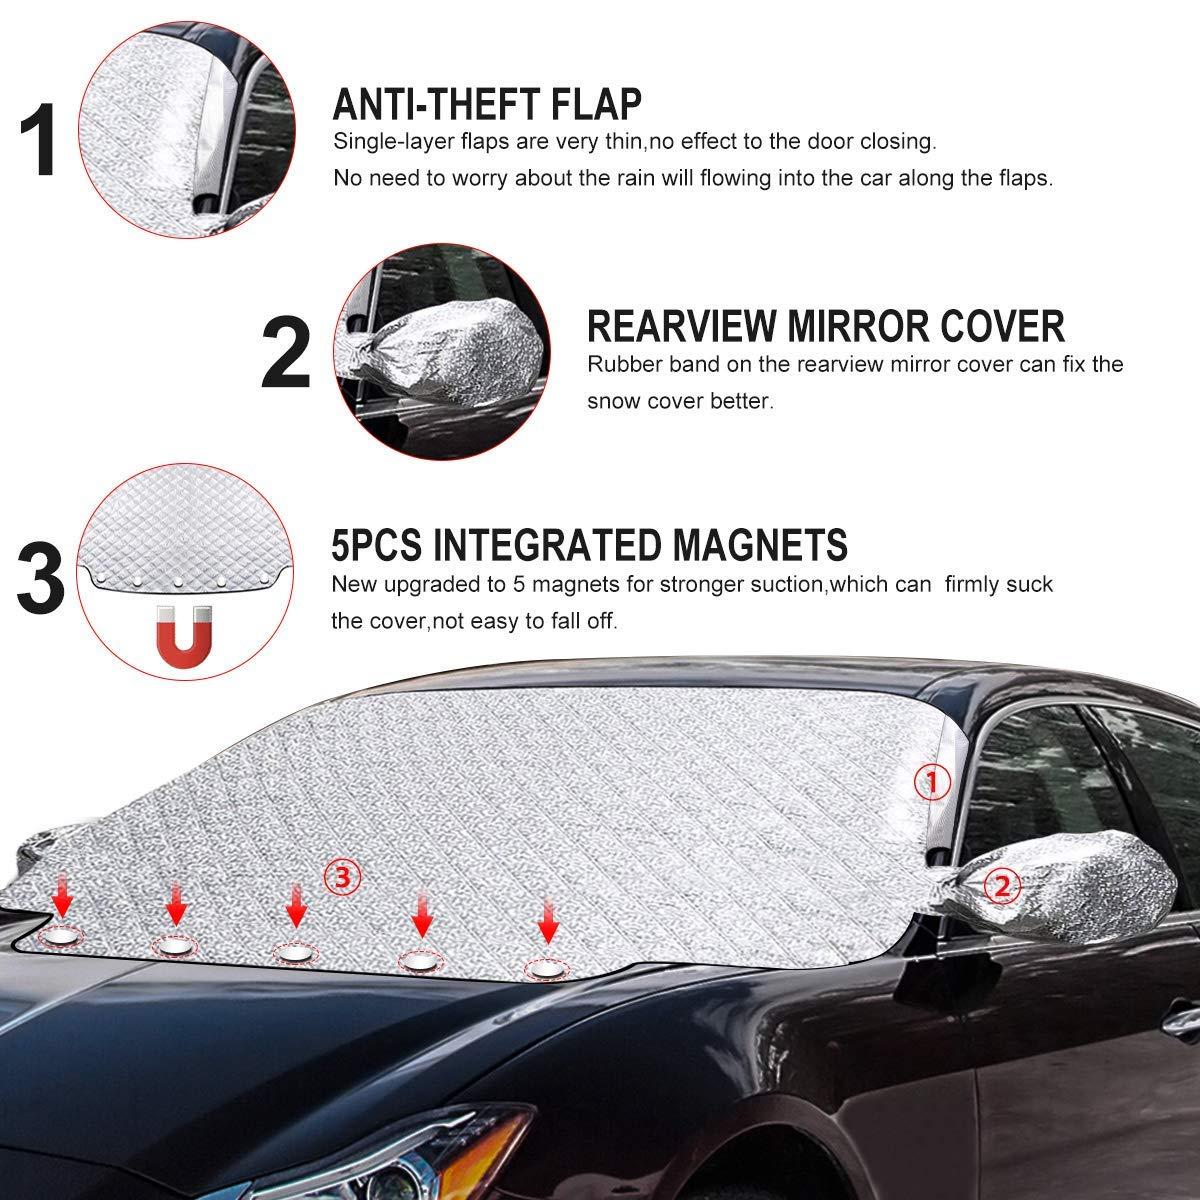 SanGlory Frontscheibenabdeckung Auto Windschutzscheiben Abdeckung Magnet Scheibenabdeckung Faltbare Autoabdeckung Winter Scheibe Abdeckung gegen UV-Strahlung Schnee EIS Frost und Sonne